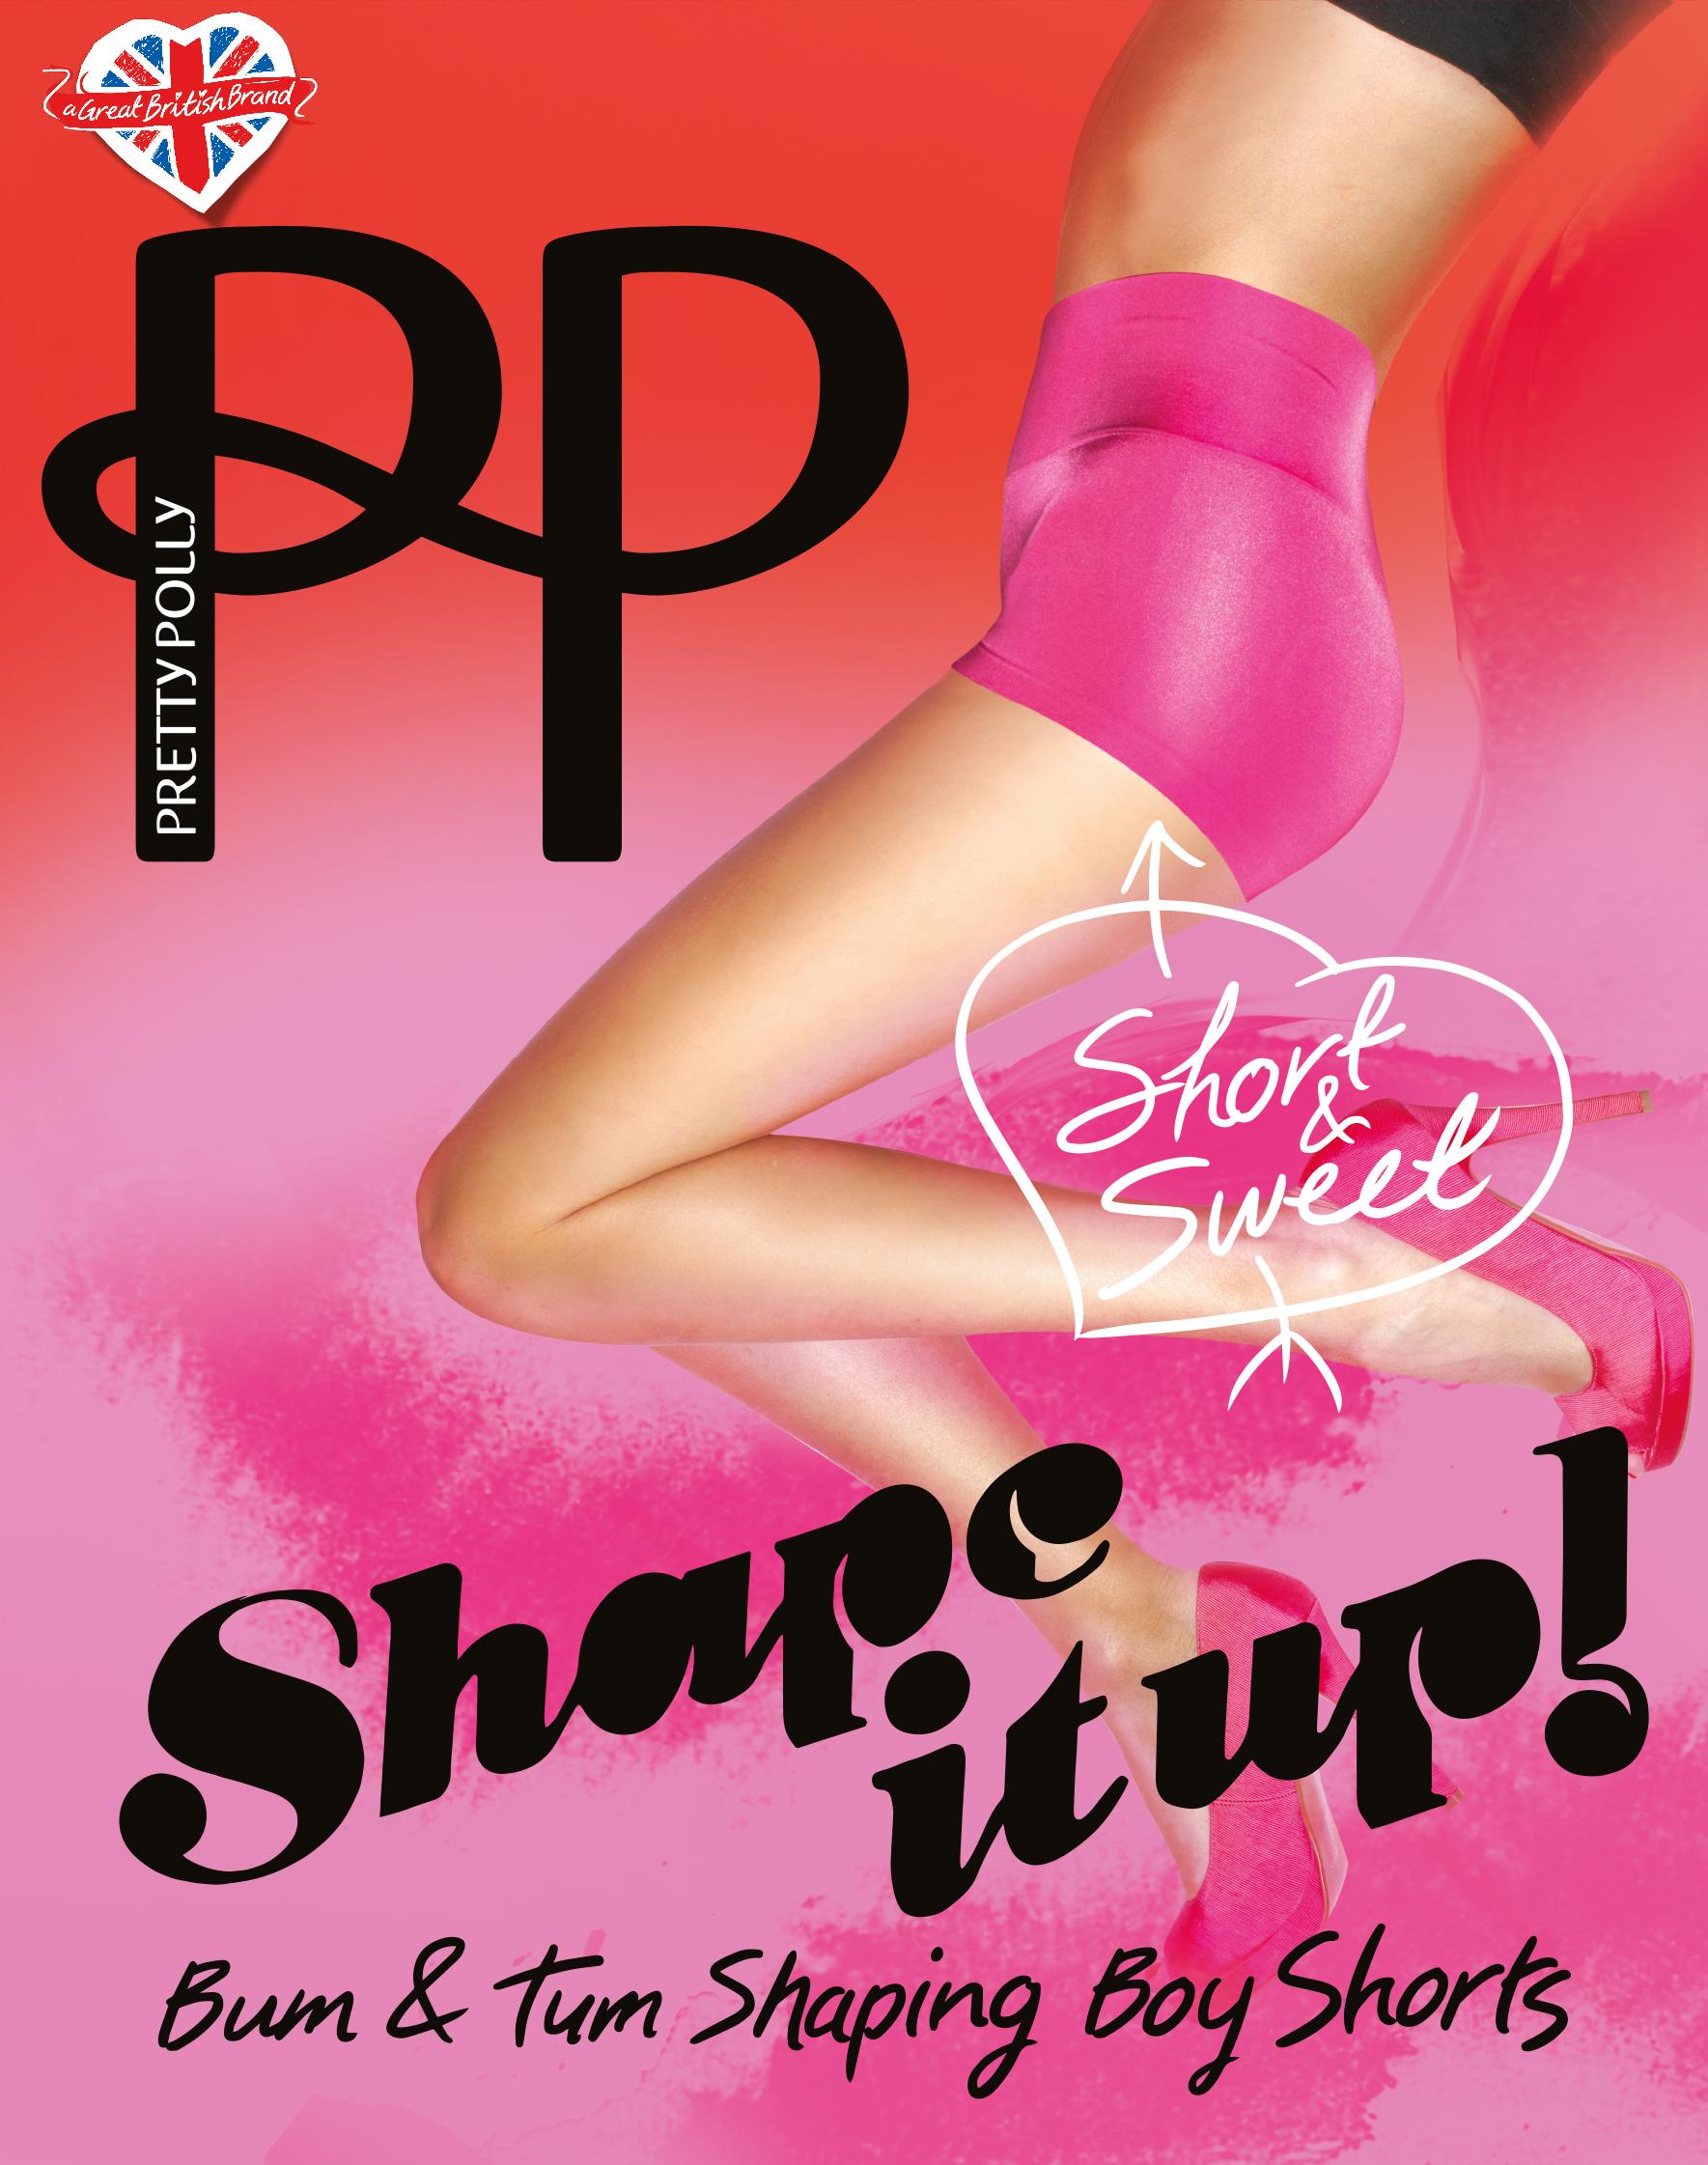 Kleidung & Accessoires Socken & Strümpfe Nice Slim Body Strumpfhose 20 Den Mit Bikini-höschenteil 2 Farben S-l